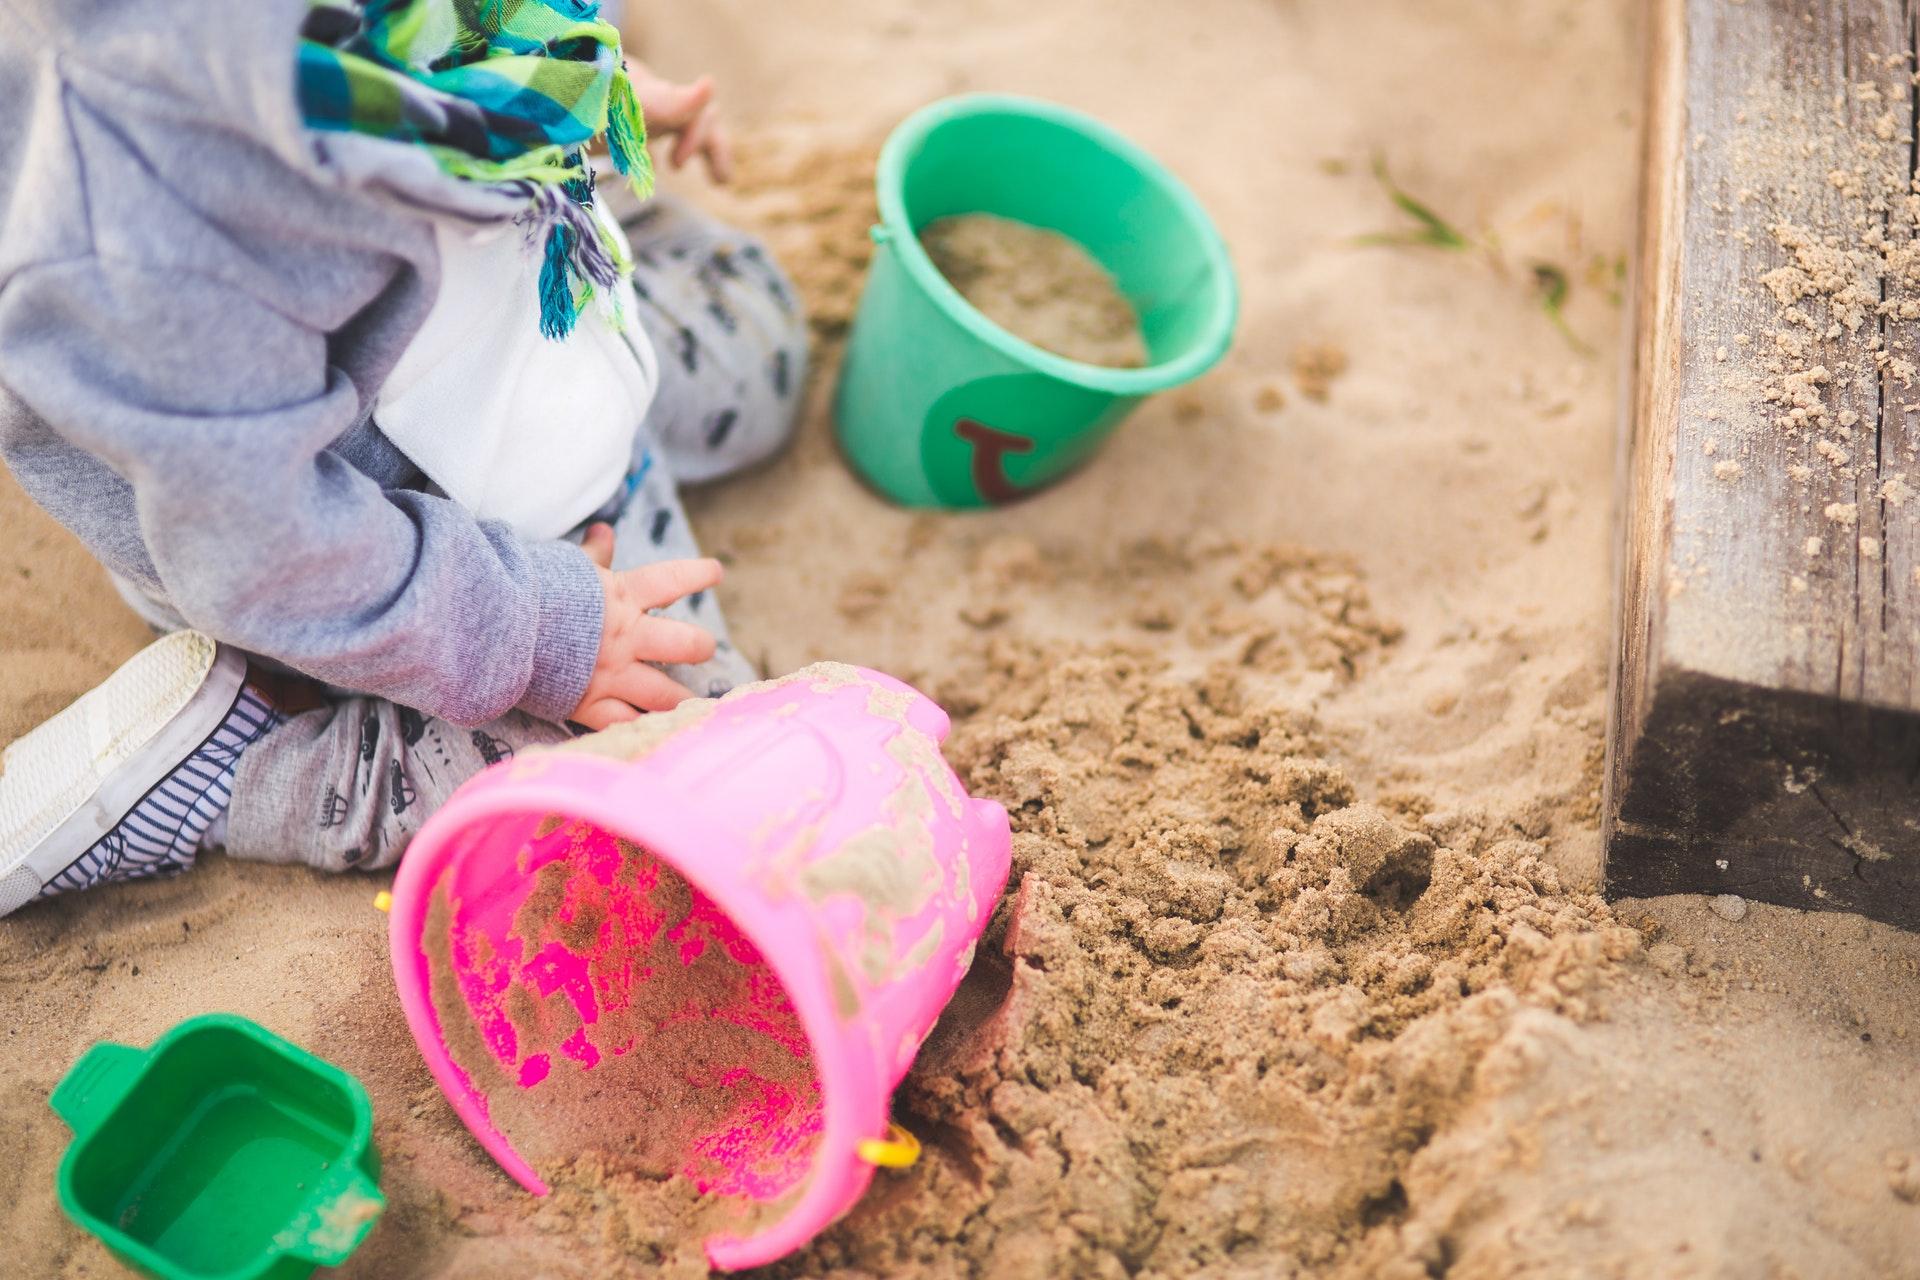 børn, barn, børnehave, pæfodil, pædagog, leg